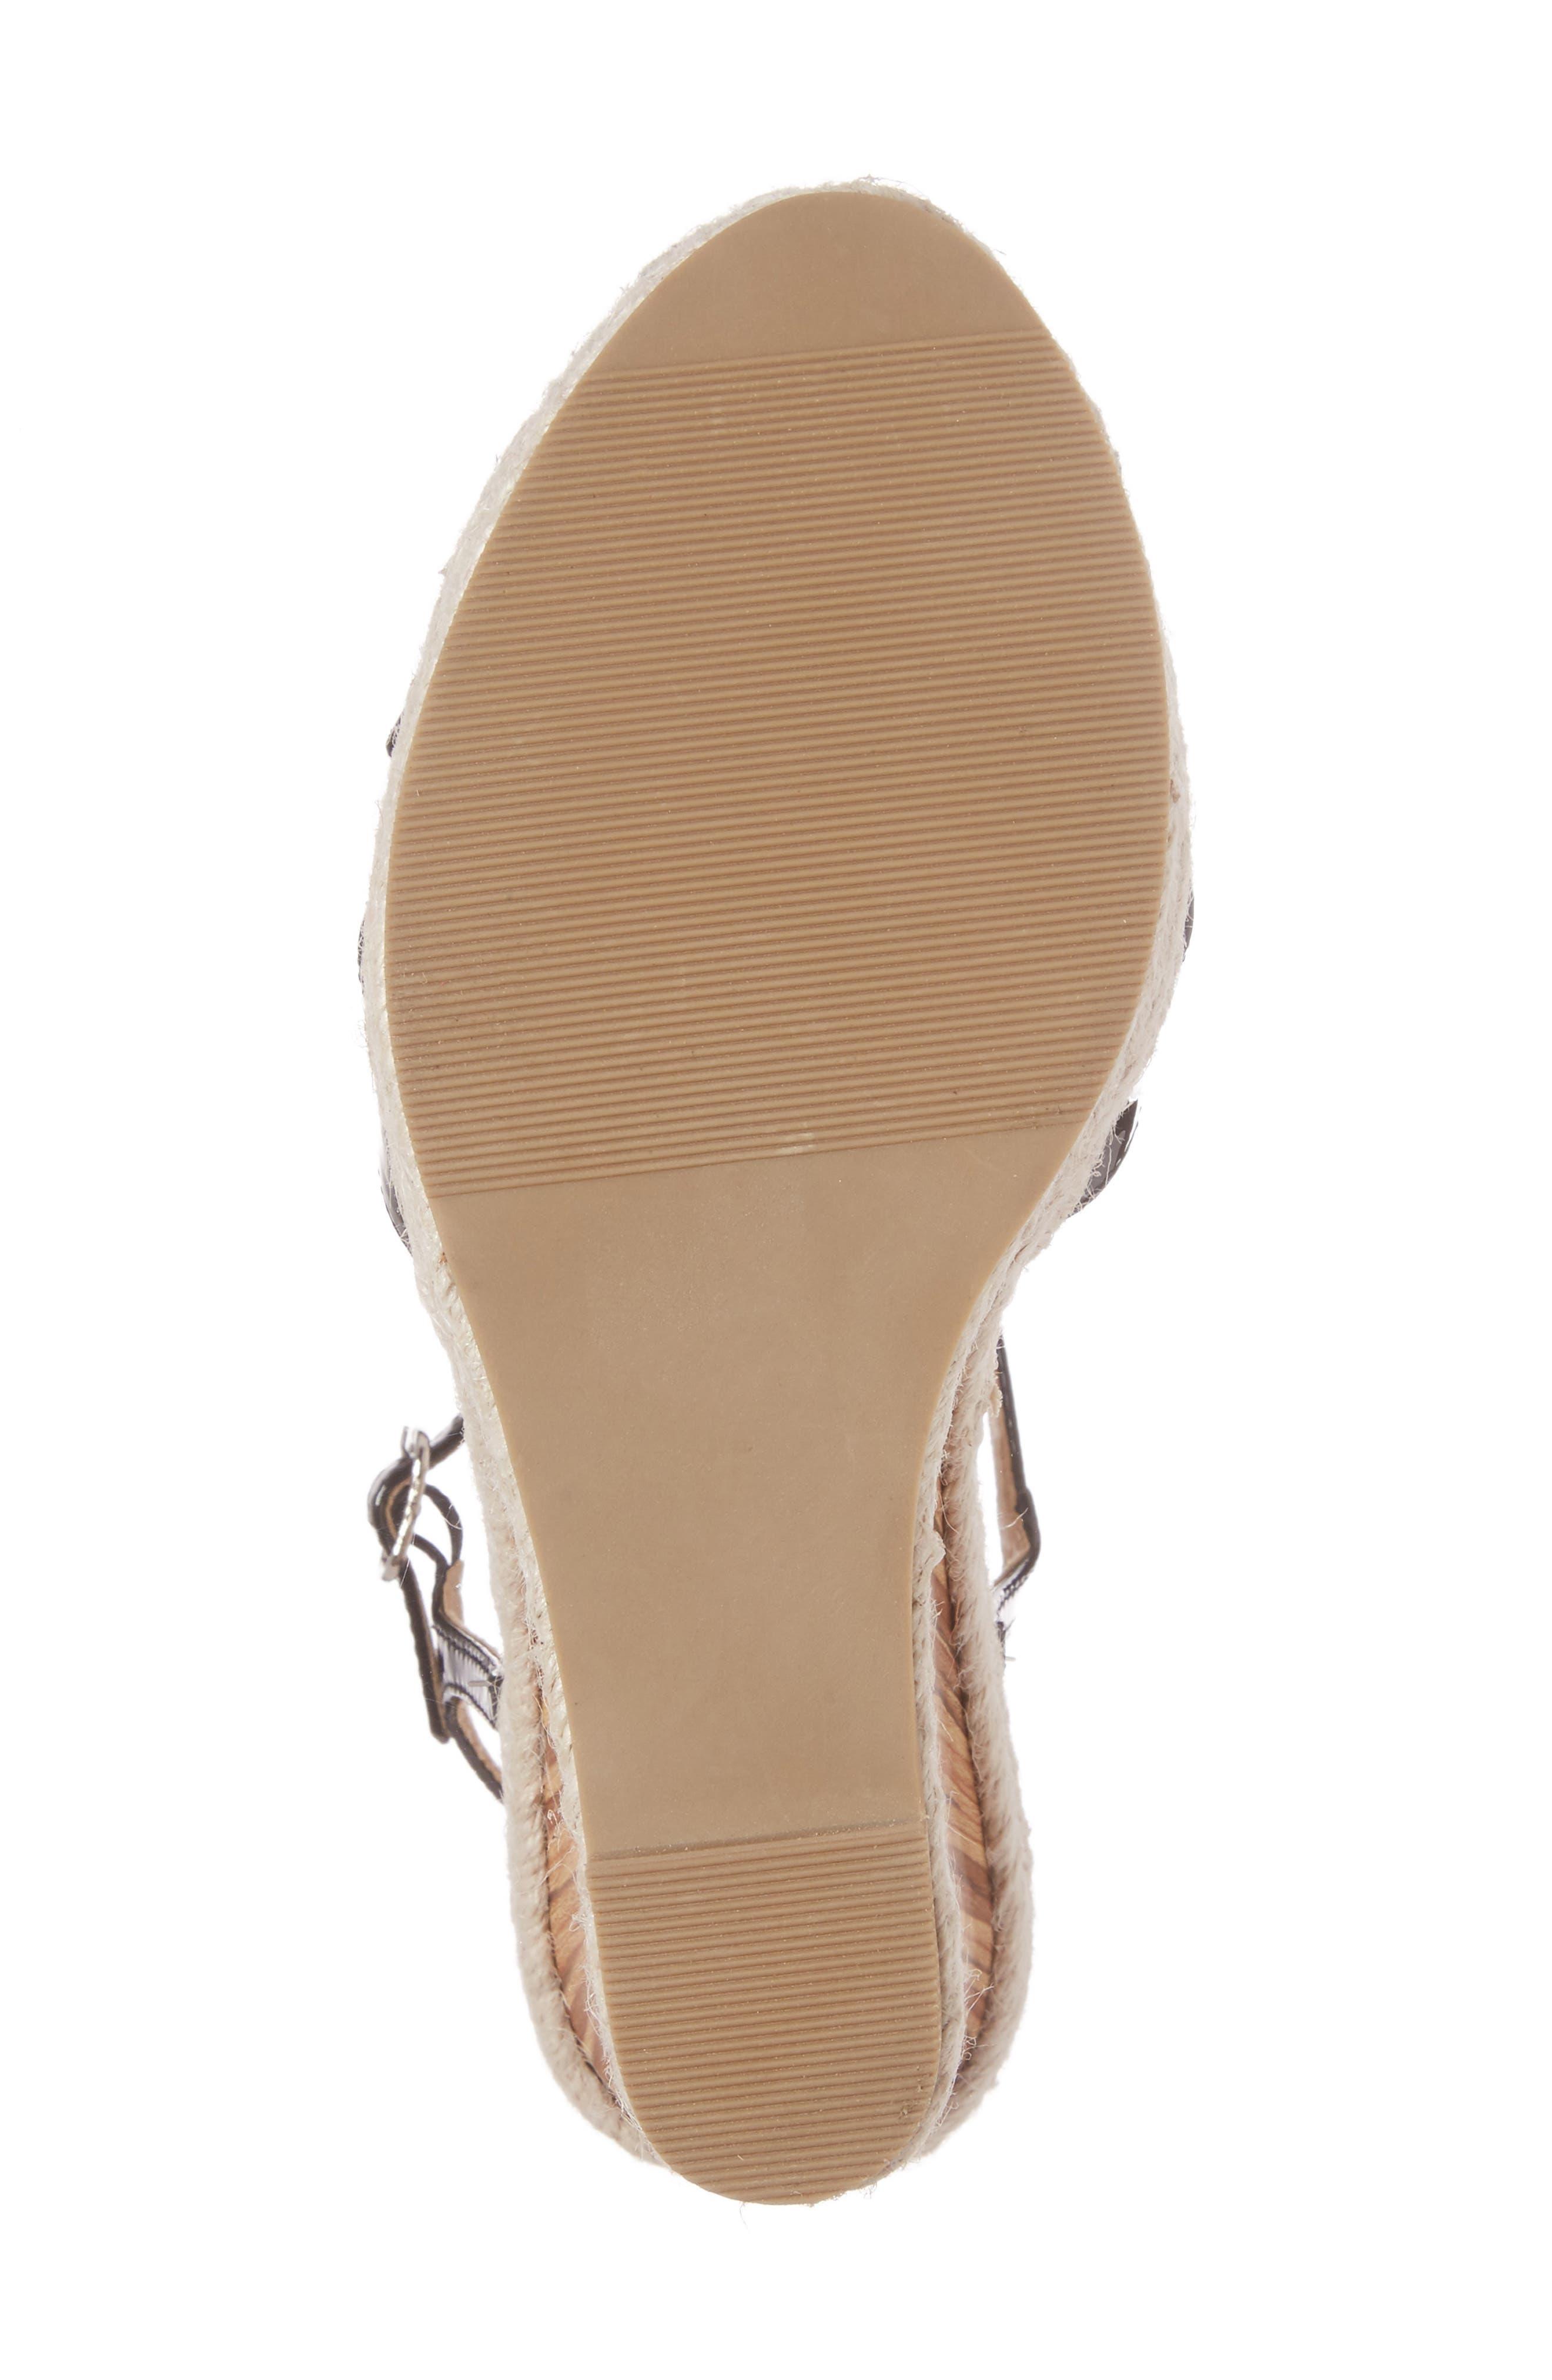 Alinna T-Strap Wedge Sandal,                             Alternate thumbnail 6, color,                             002